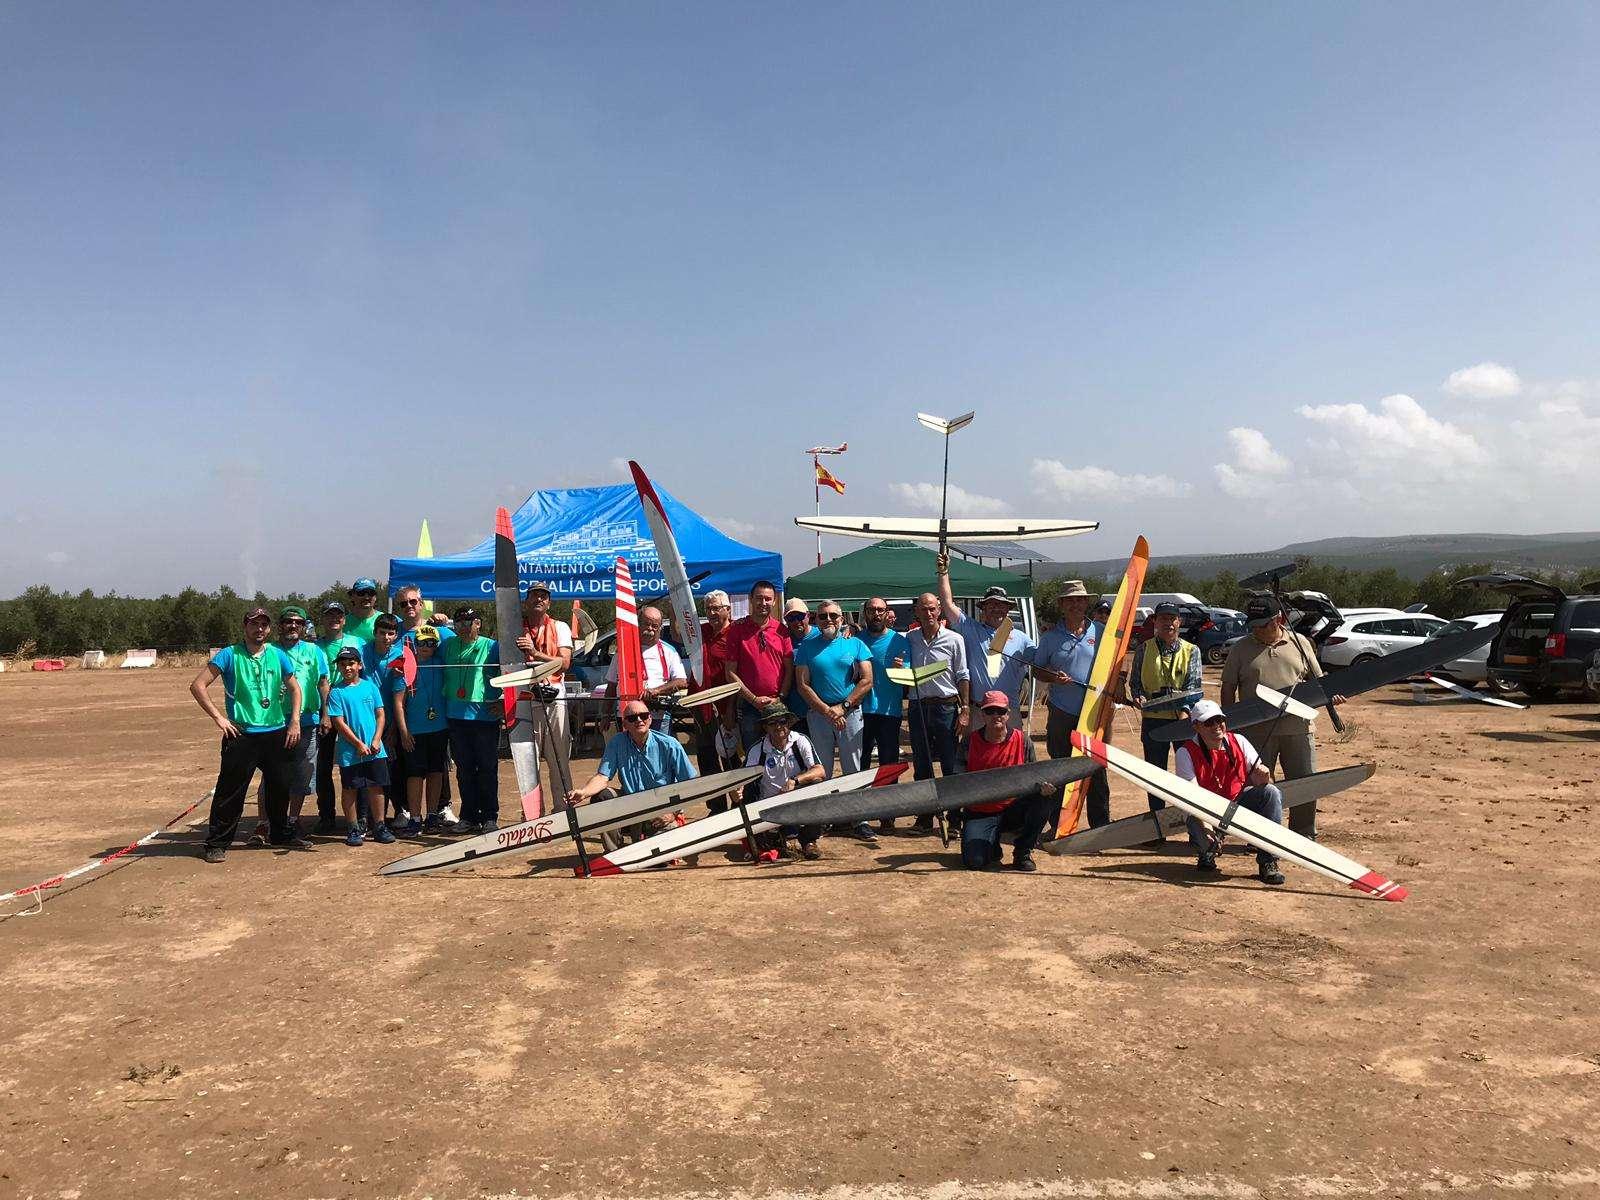 El diputado provincial Daniel Campos ha asistido a la celebración del Campeonato de España de Aeromodelismo que se ha celebrado en el campo de vuelo ubicado junto a Cástulo, en Linares.